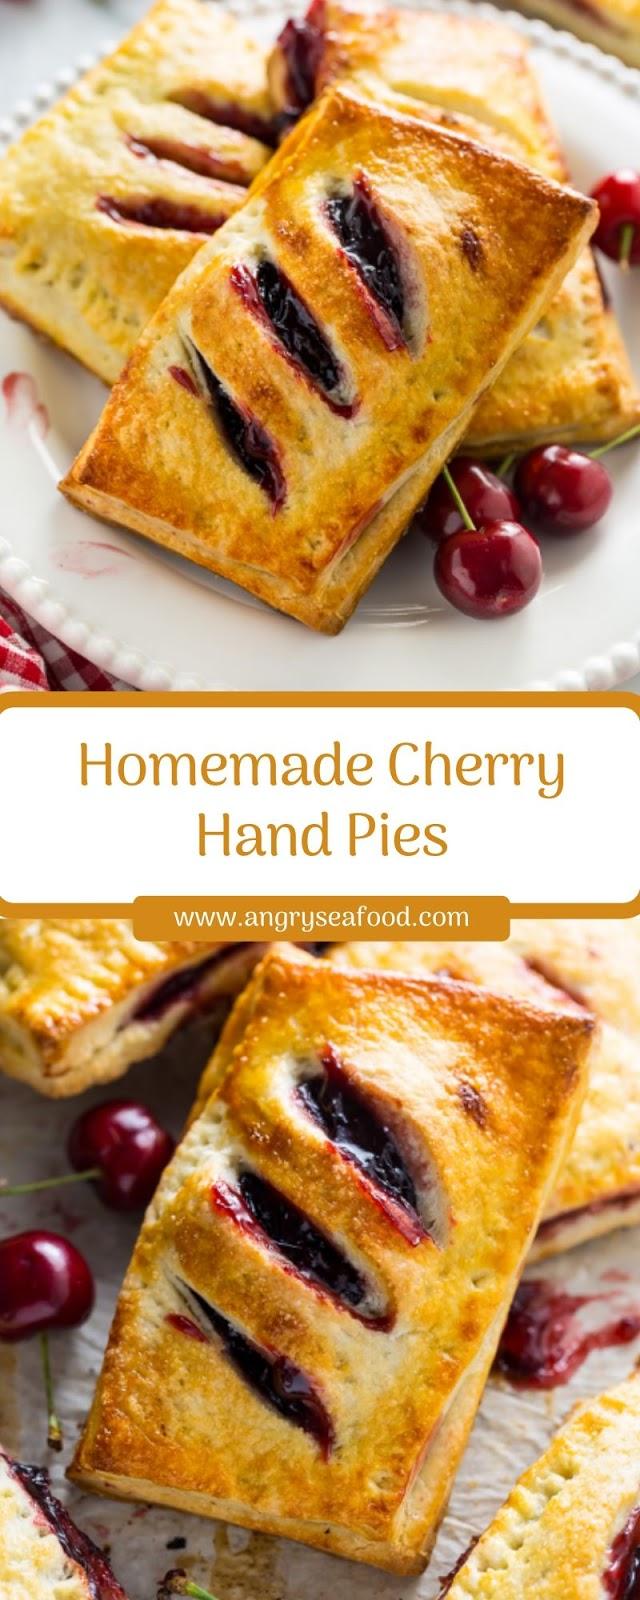 Homemade Cherry Hand Pies